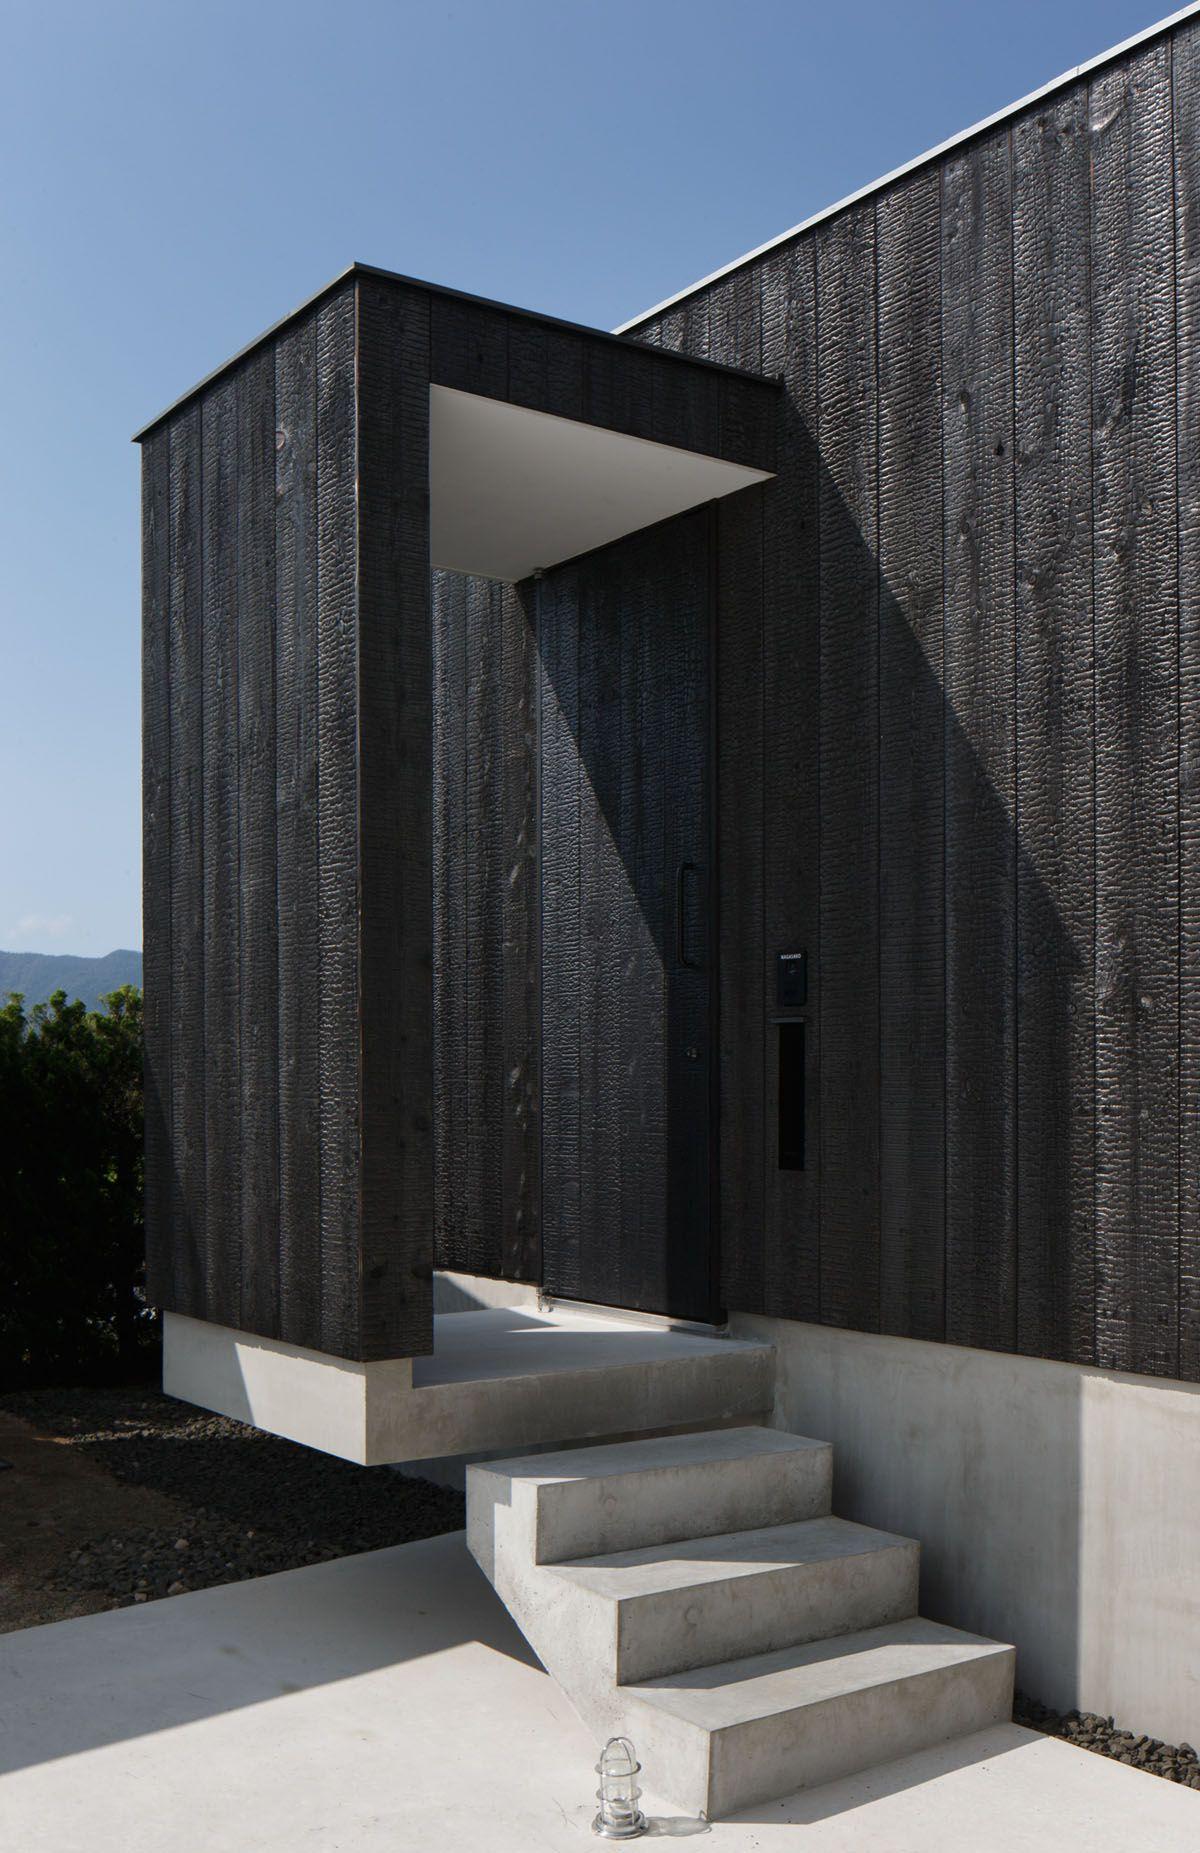 Moderne wohnarchitektur projekt